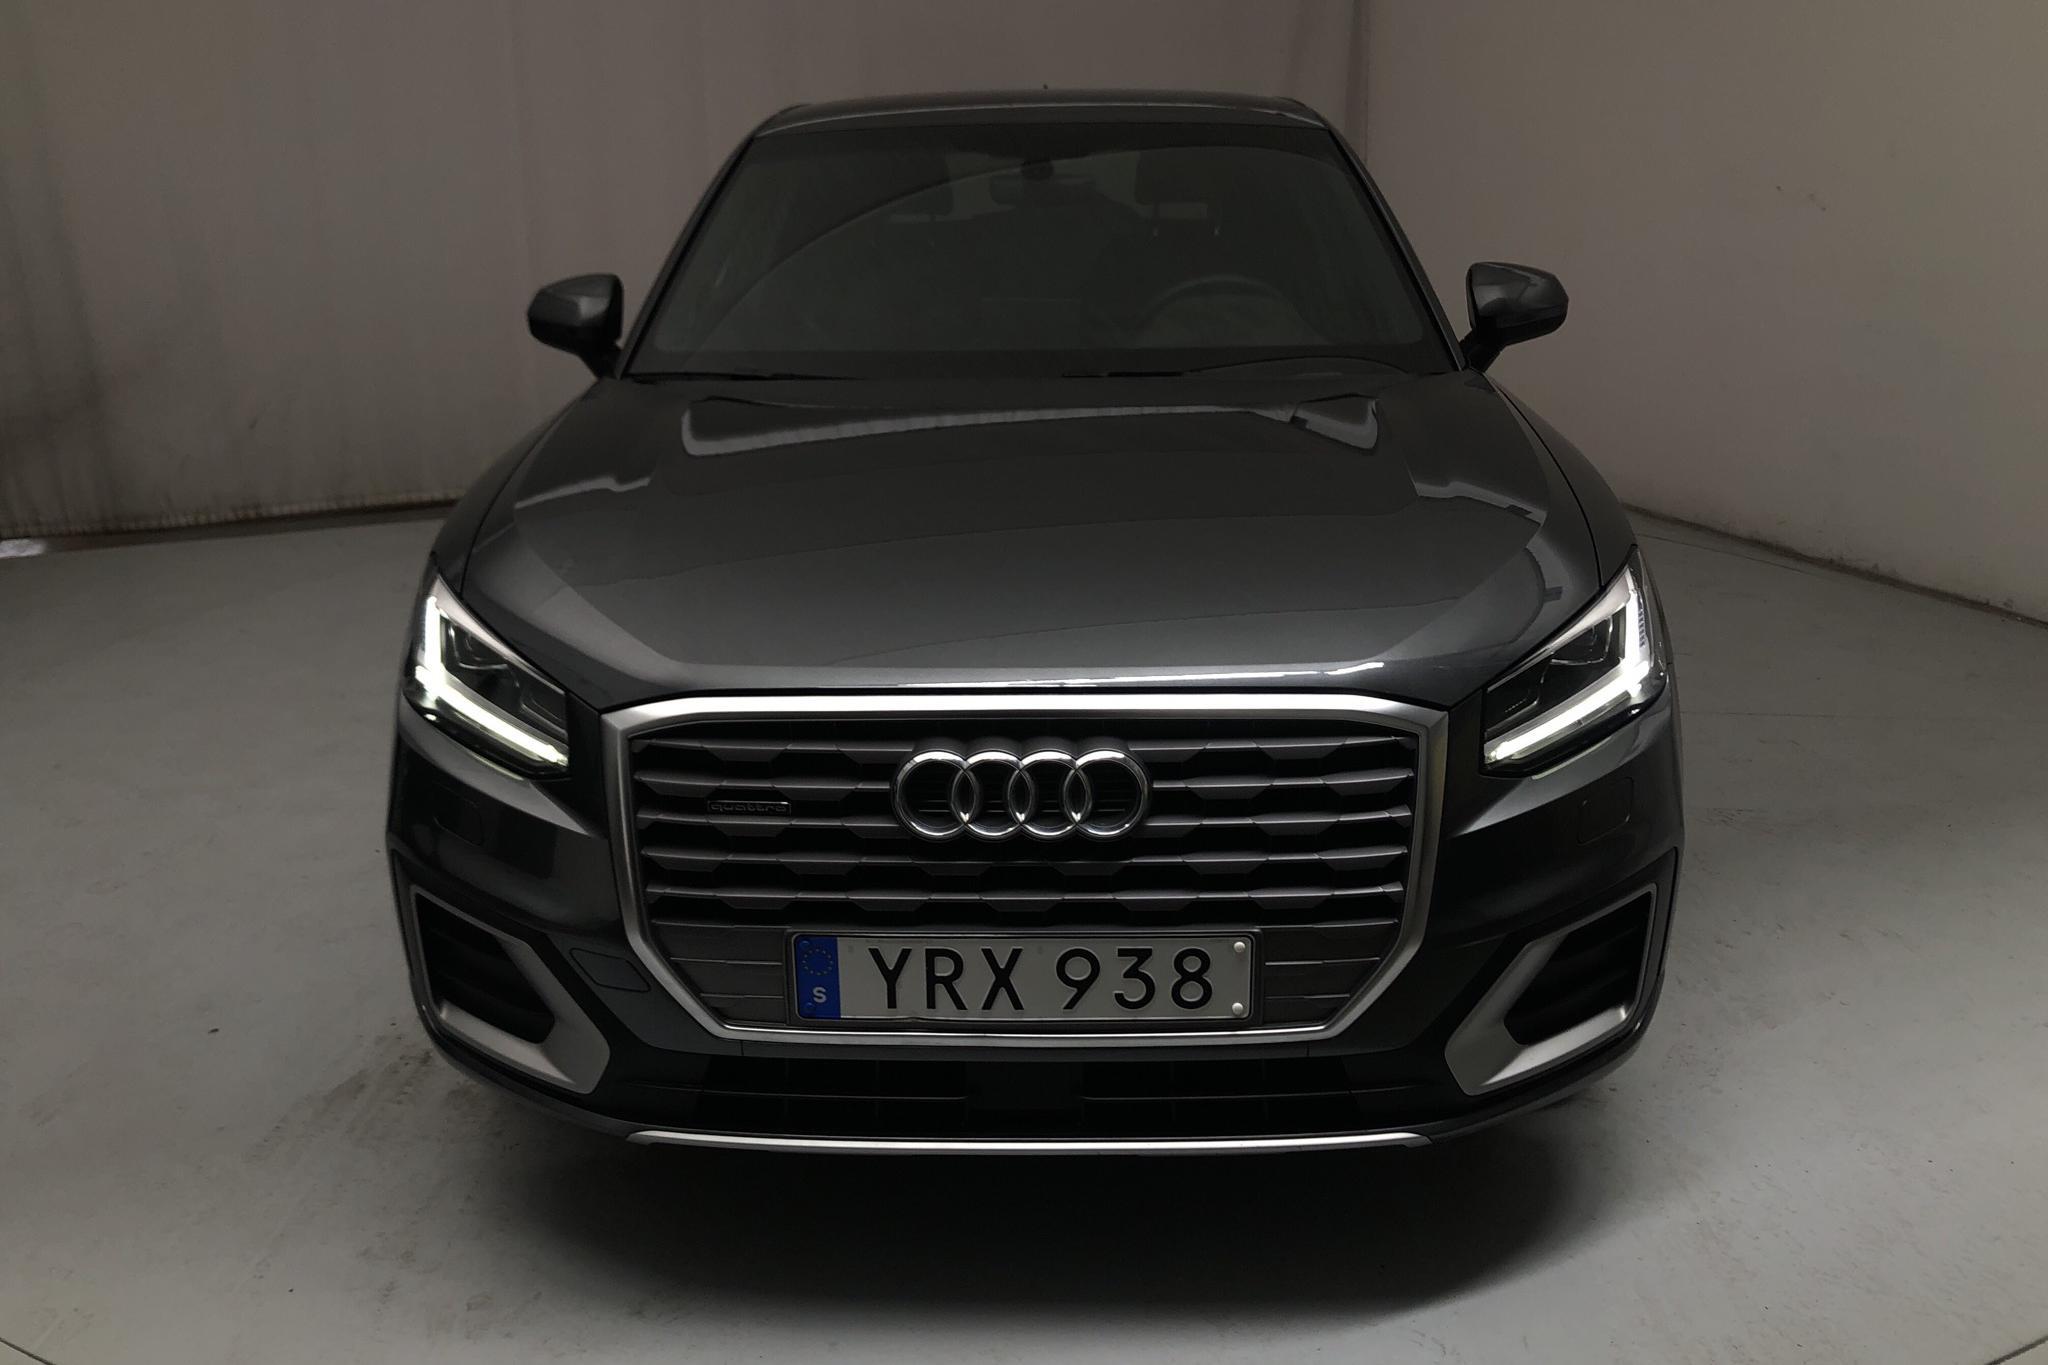 Audi Q2 2.0 TDI quattro (150hk) - 4 422 mil - Automat - grå - 2018